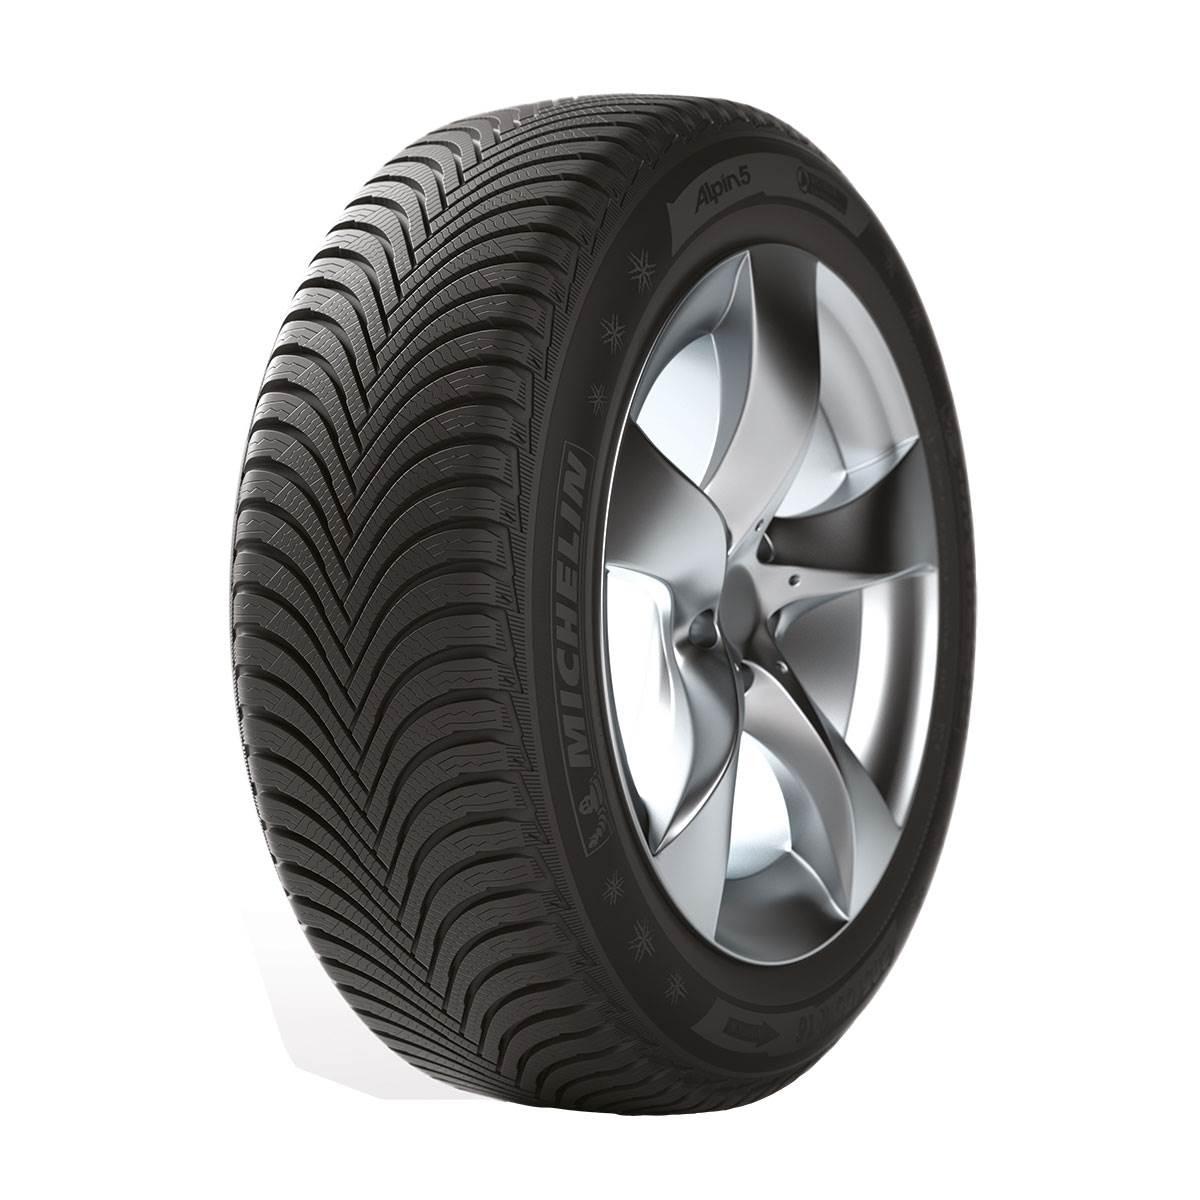 Pneu Hiver Michelin 225/45R17 94H Alpin A5 XL